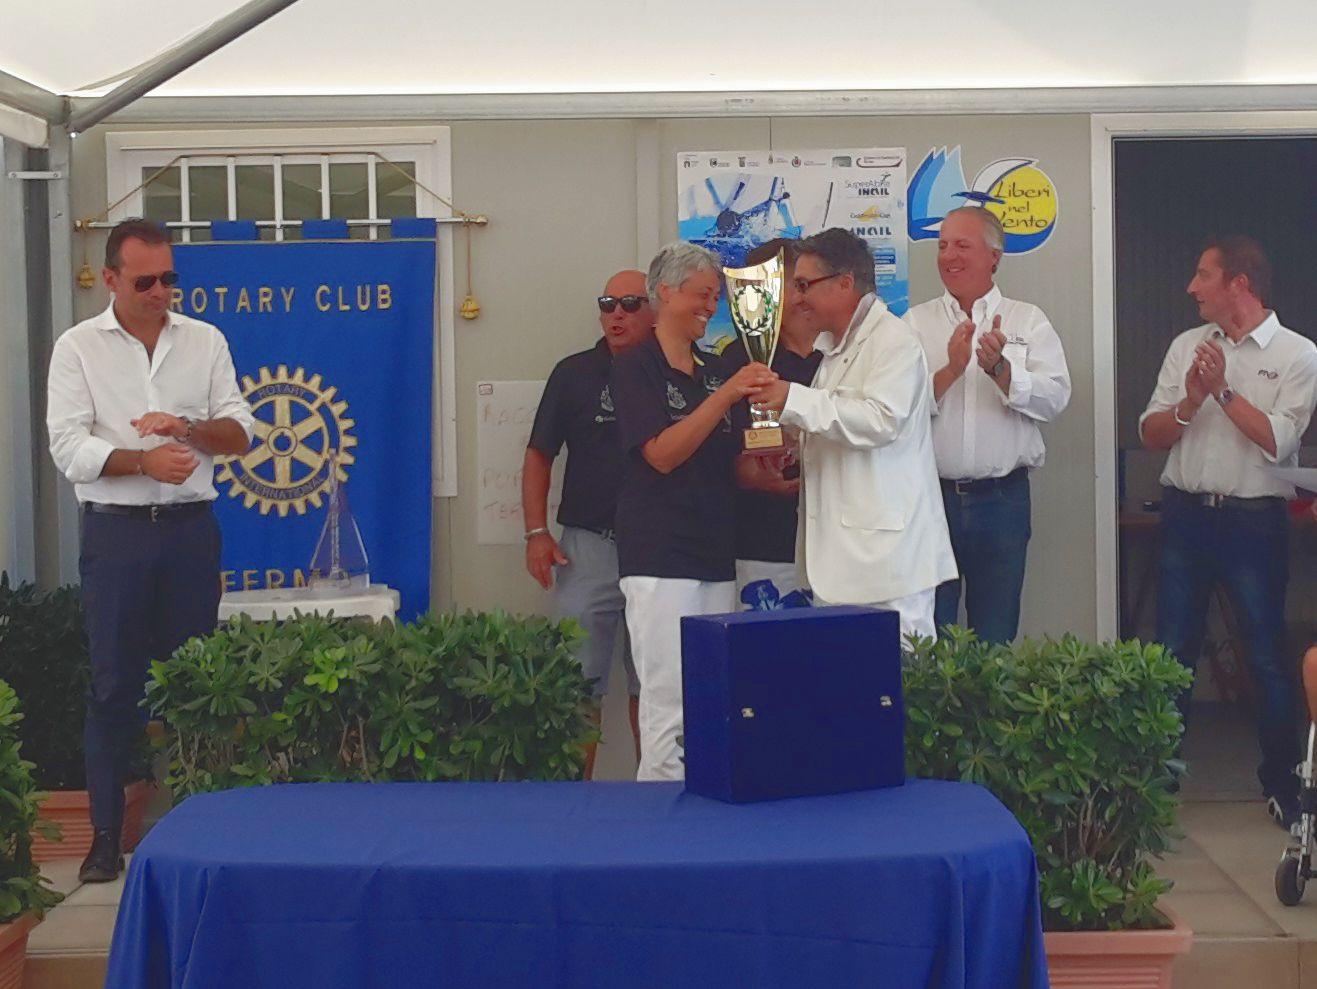 Il Notaio Alfonoso Rossi consegna il Trofeo Rotary  Club di Fermo